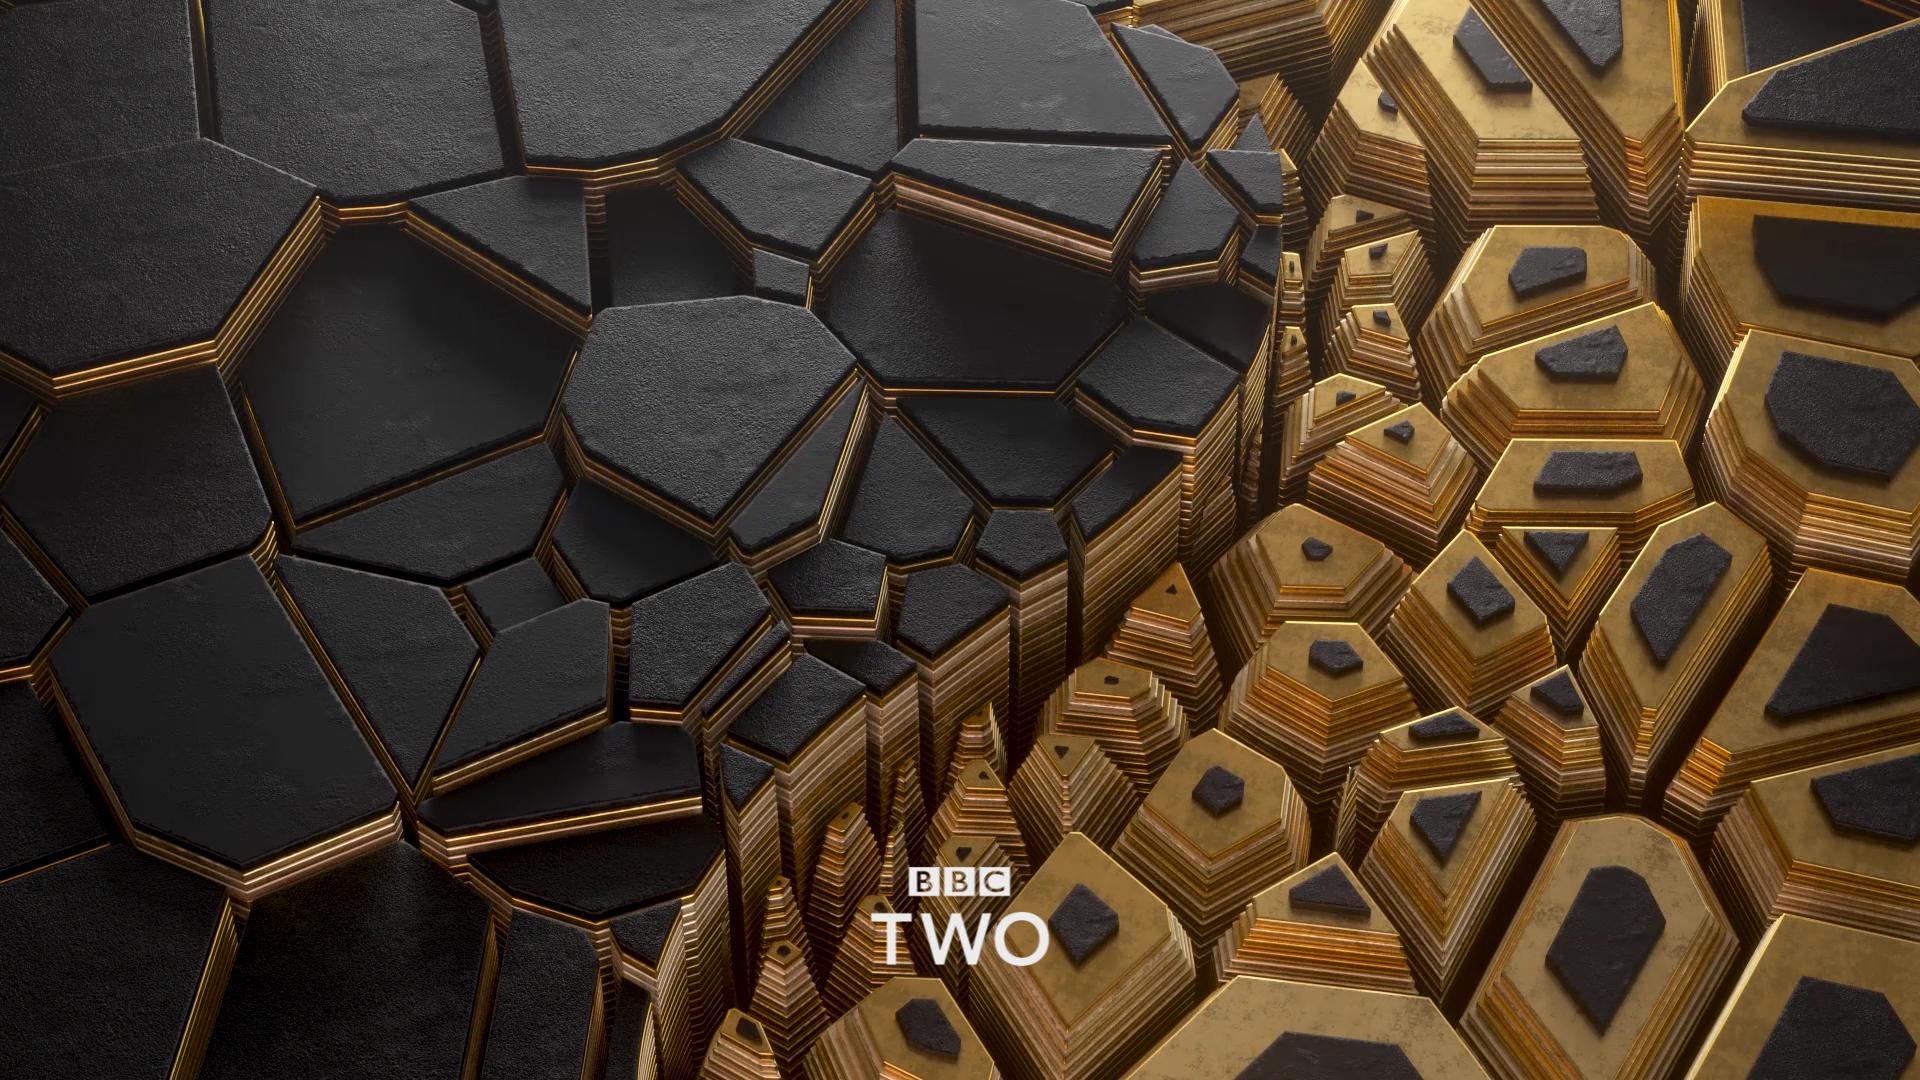 BBC2_ident_stills_00007.jpg